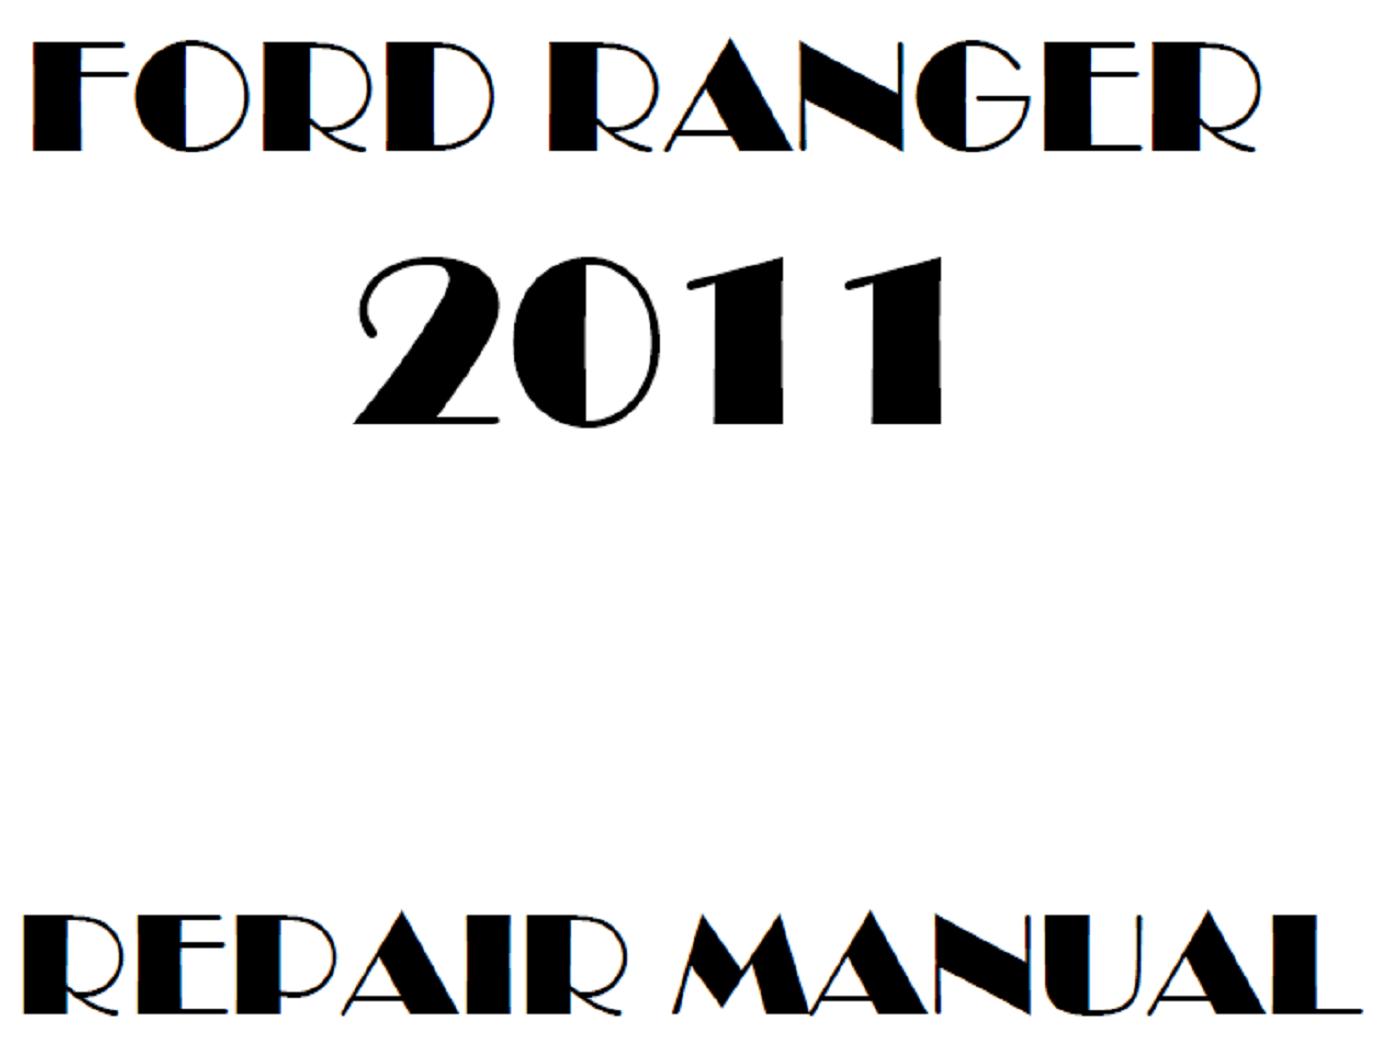 2011 Ford Ranger repair manual